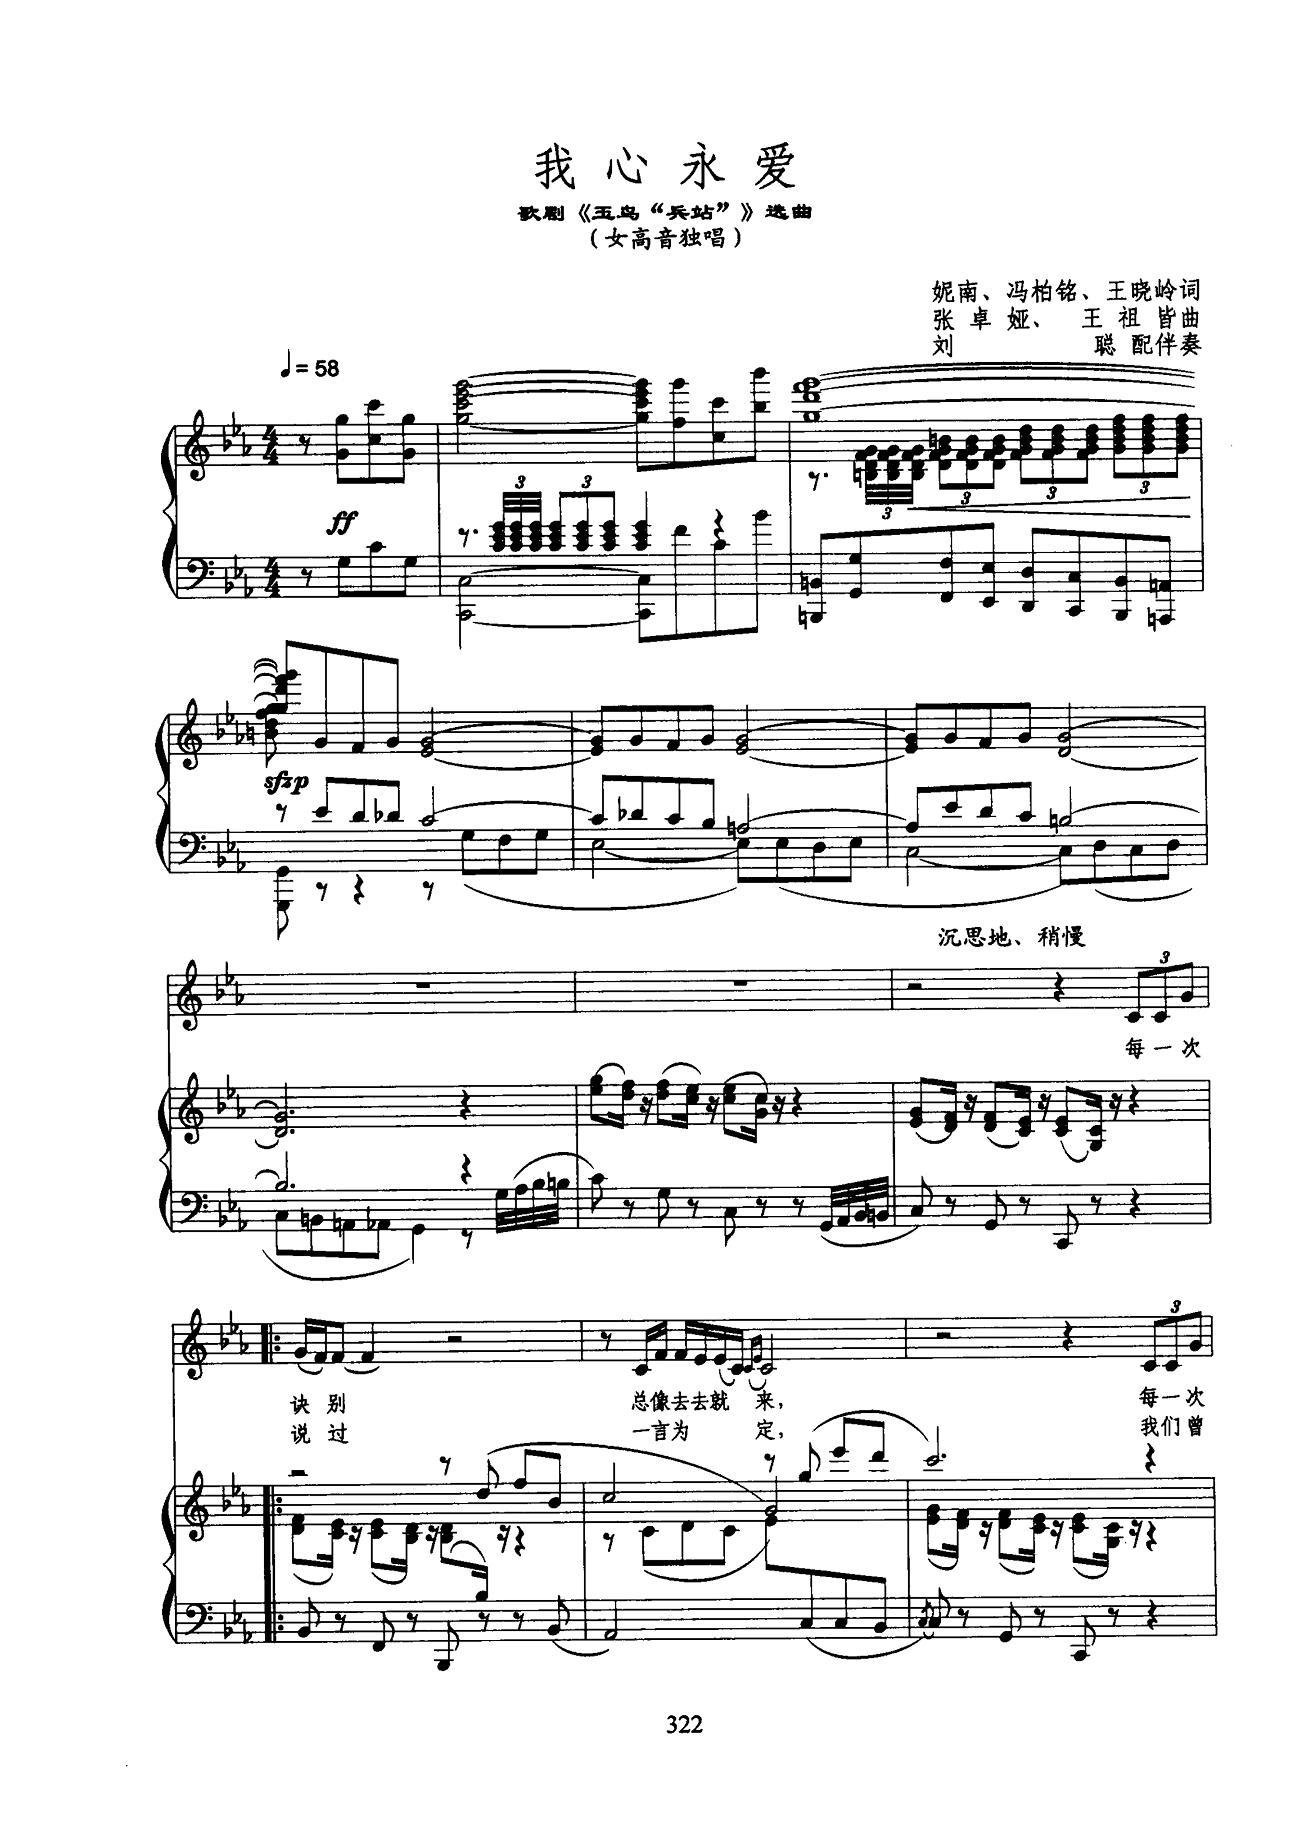 faded钢琴谱简谱_第8页_钢琴谱分享